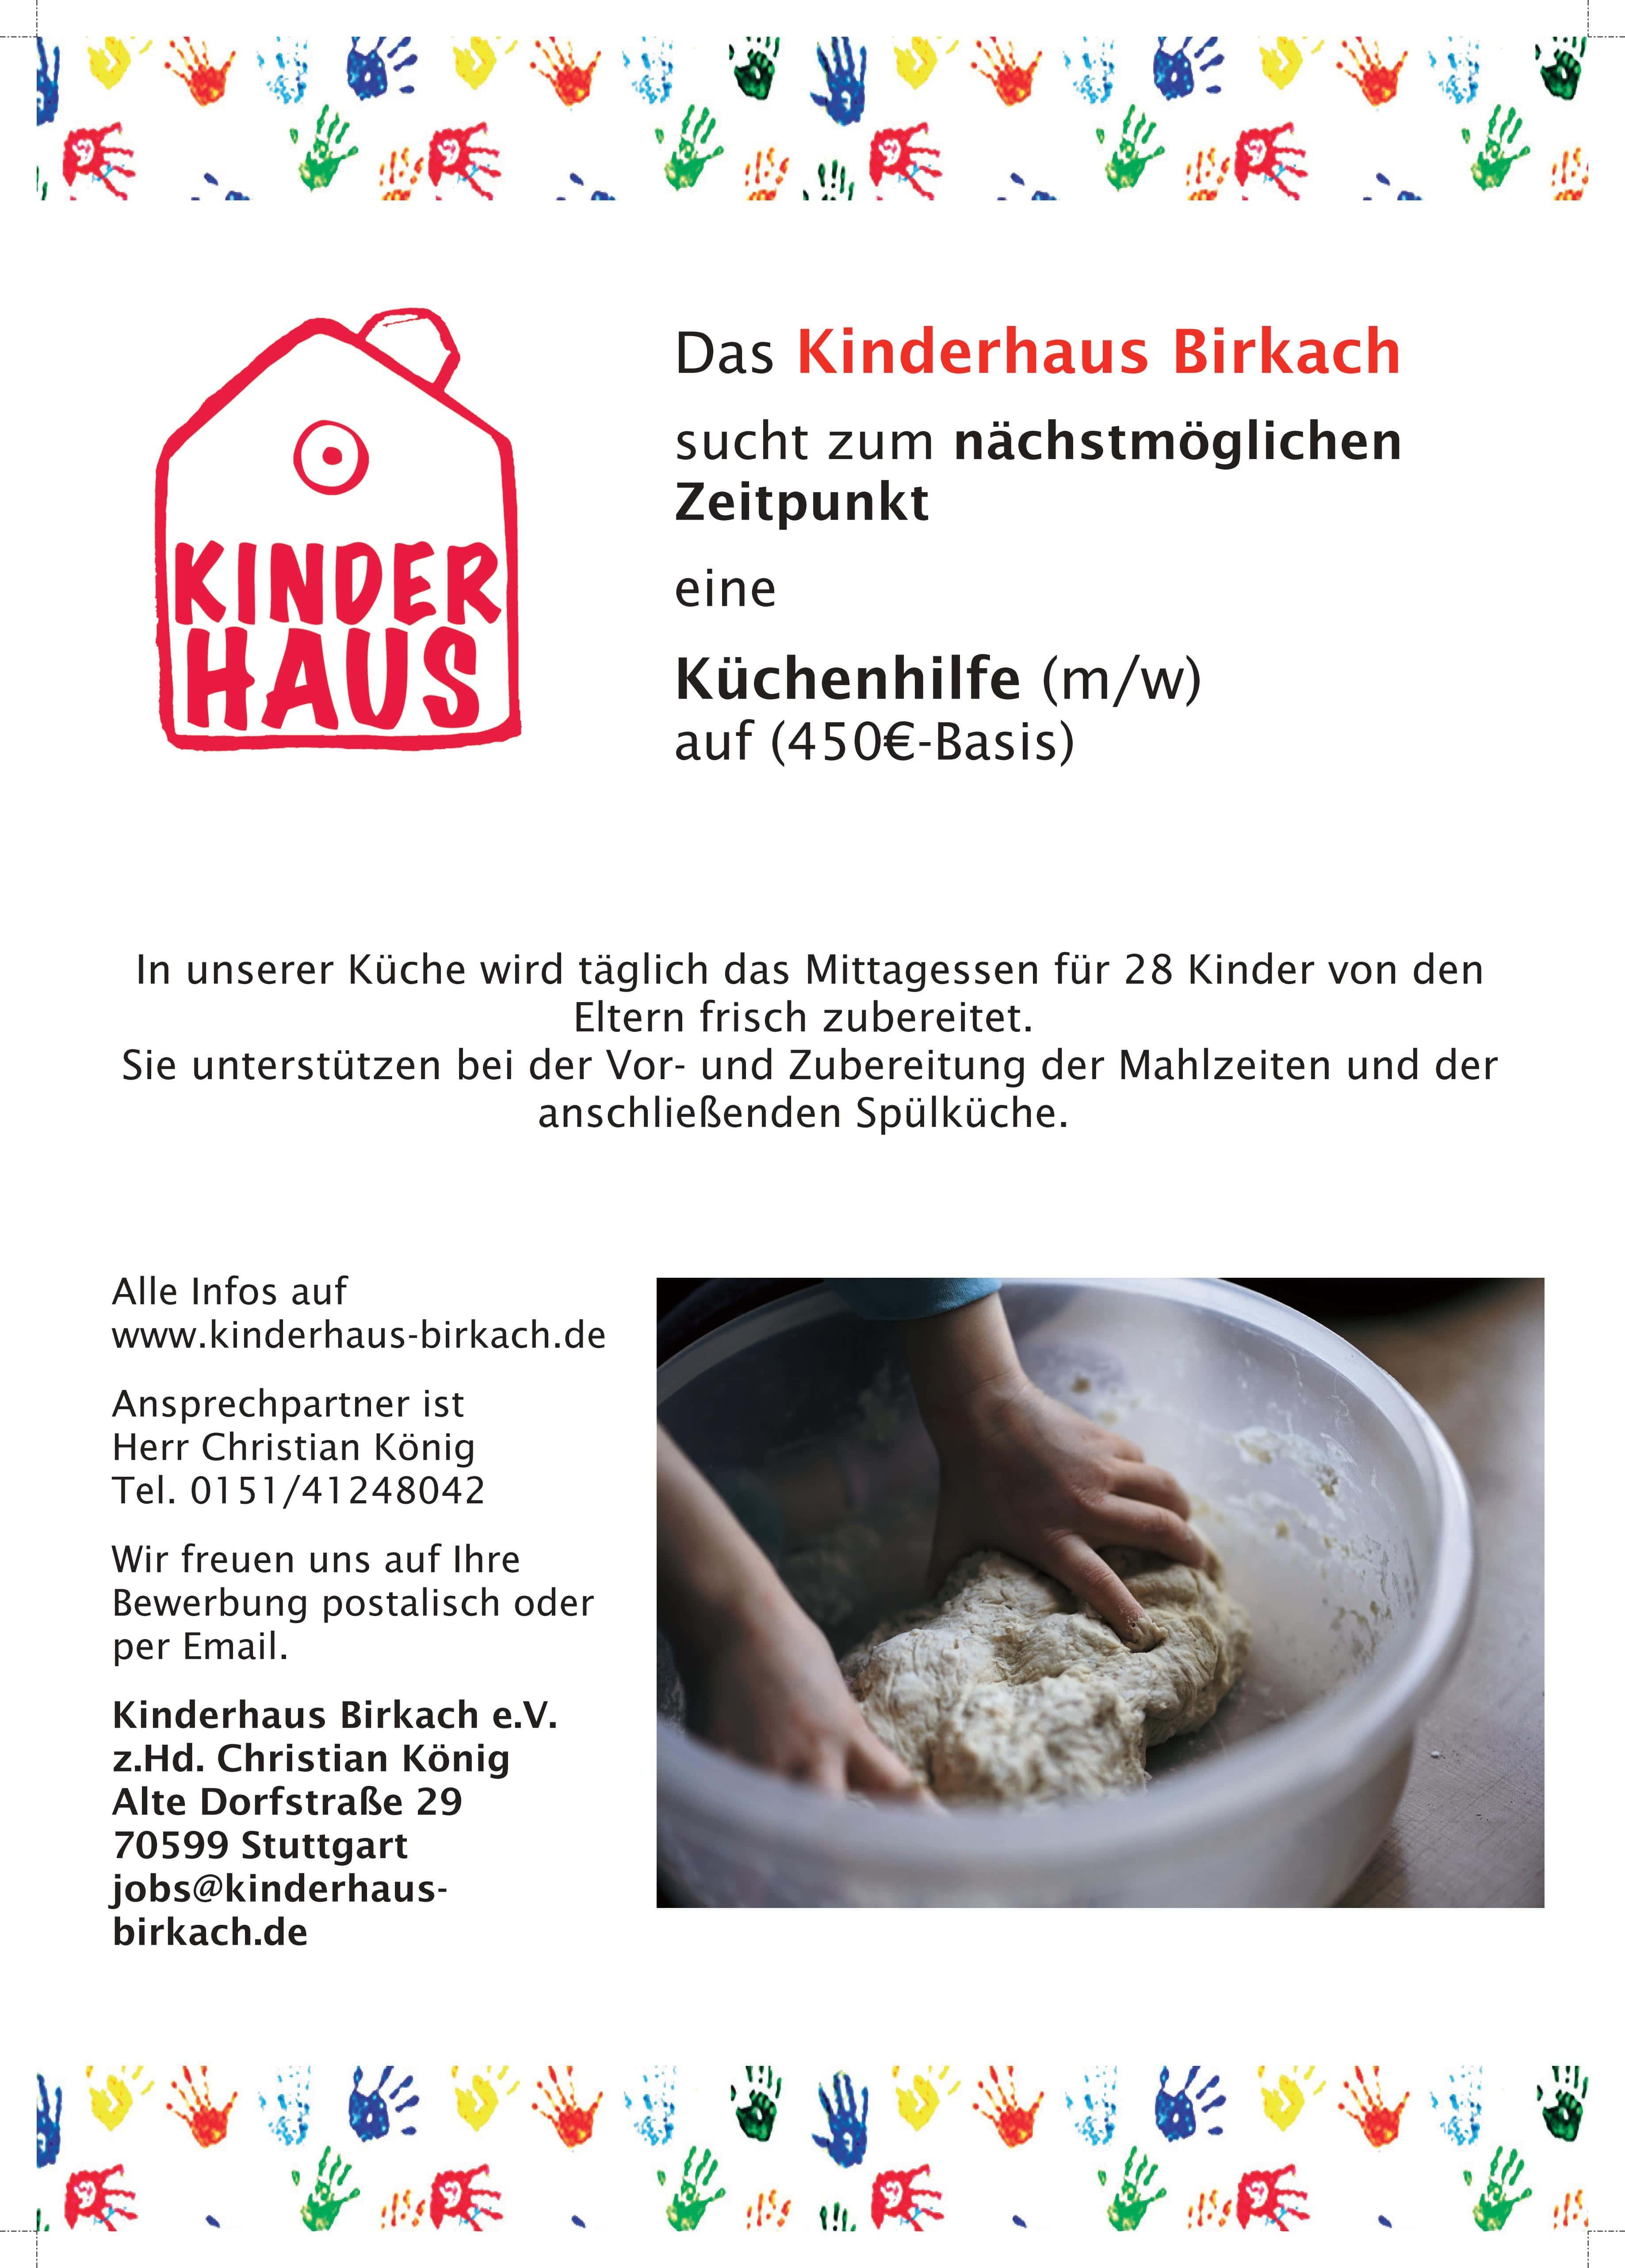 Küchenhilfe Kinderhaus Birkach-min